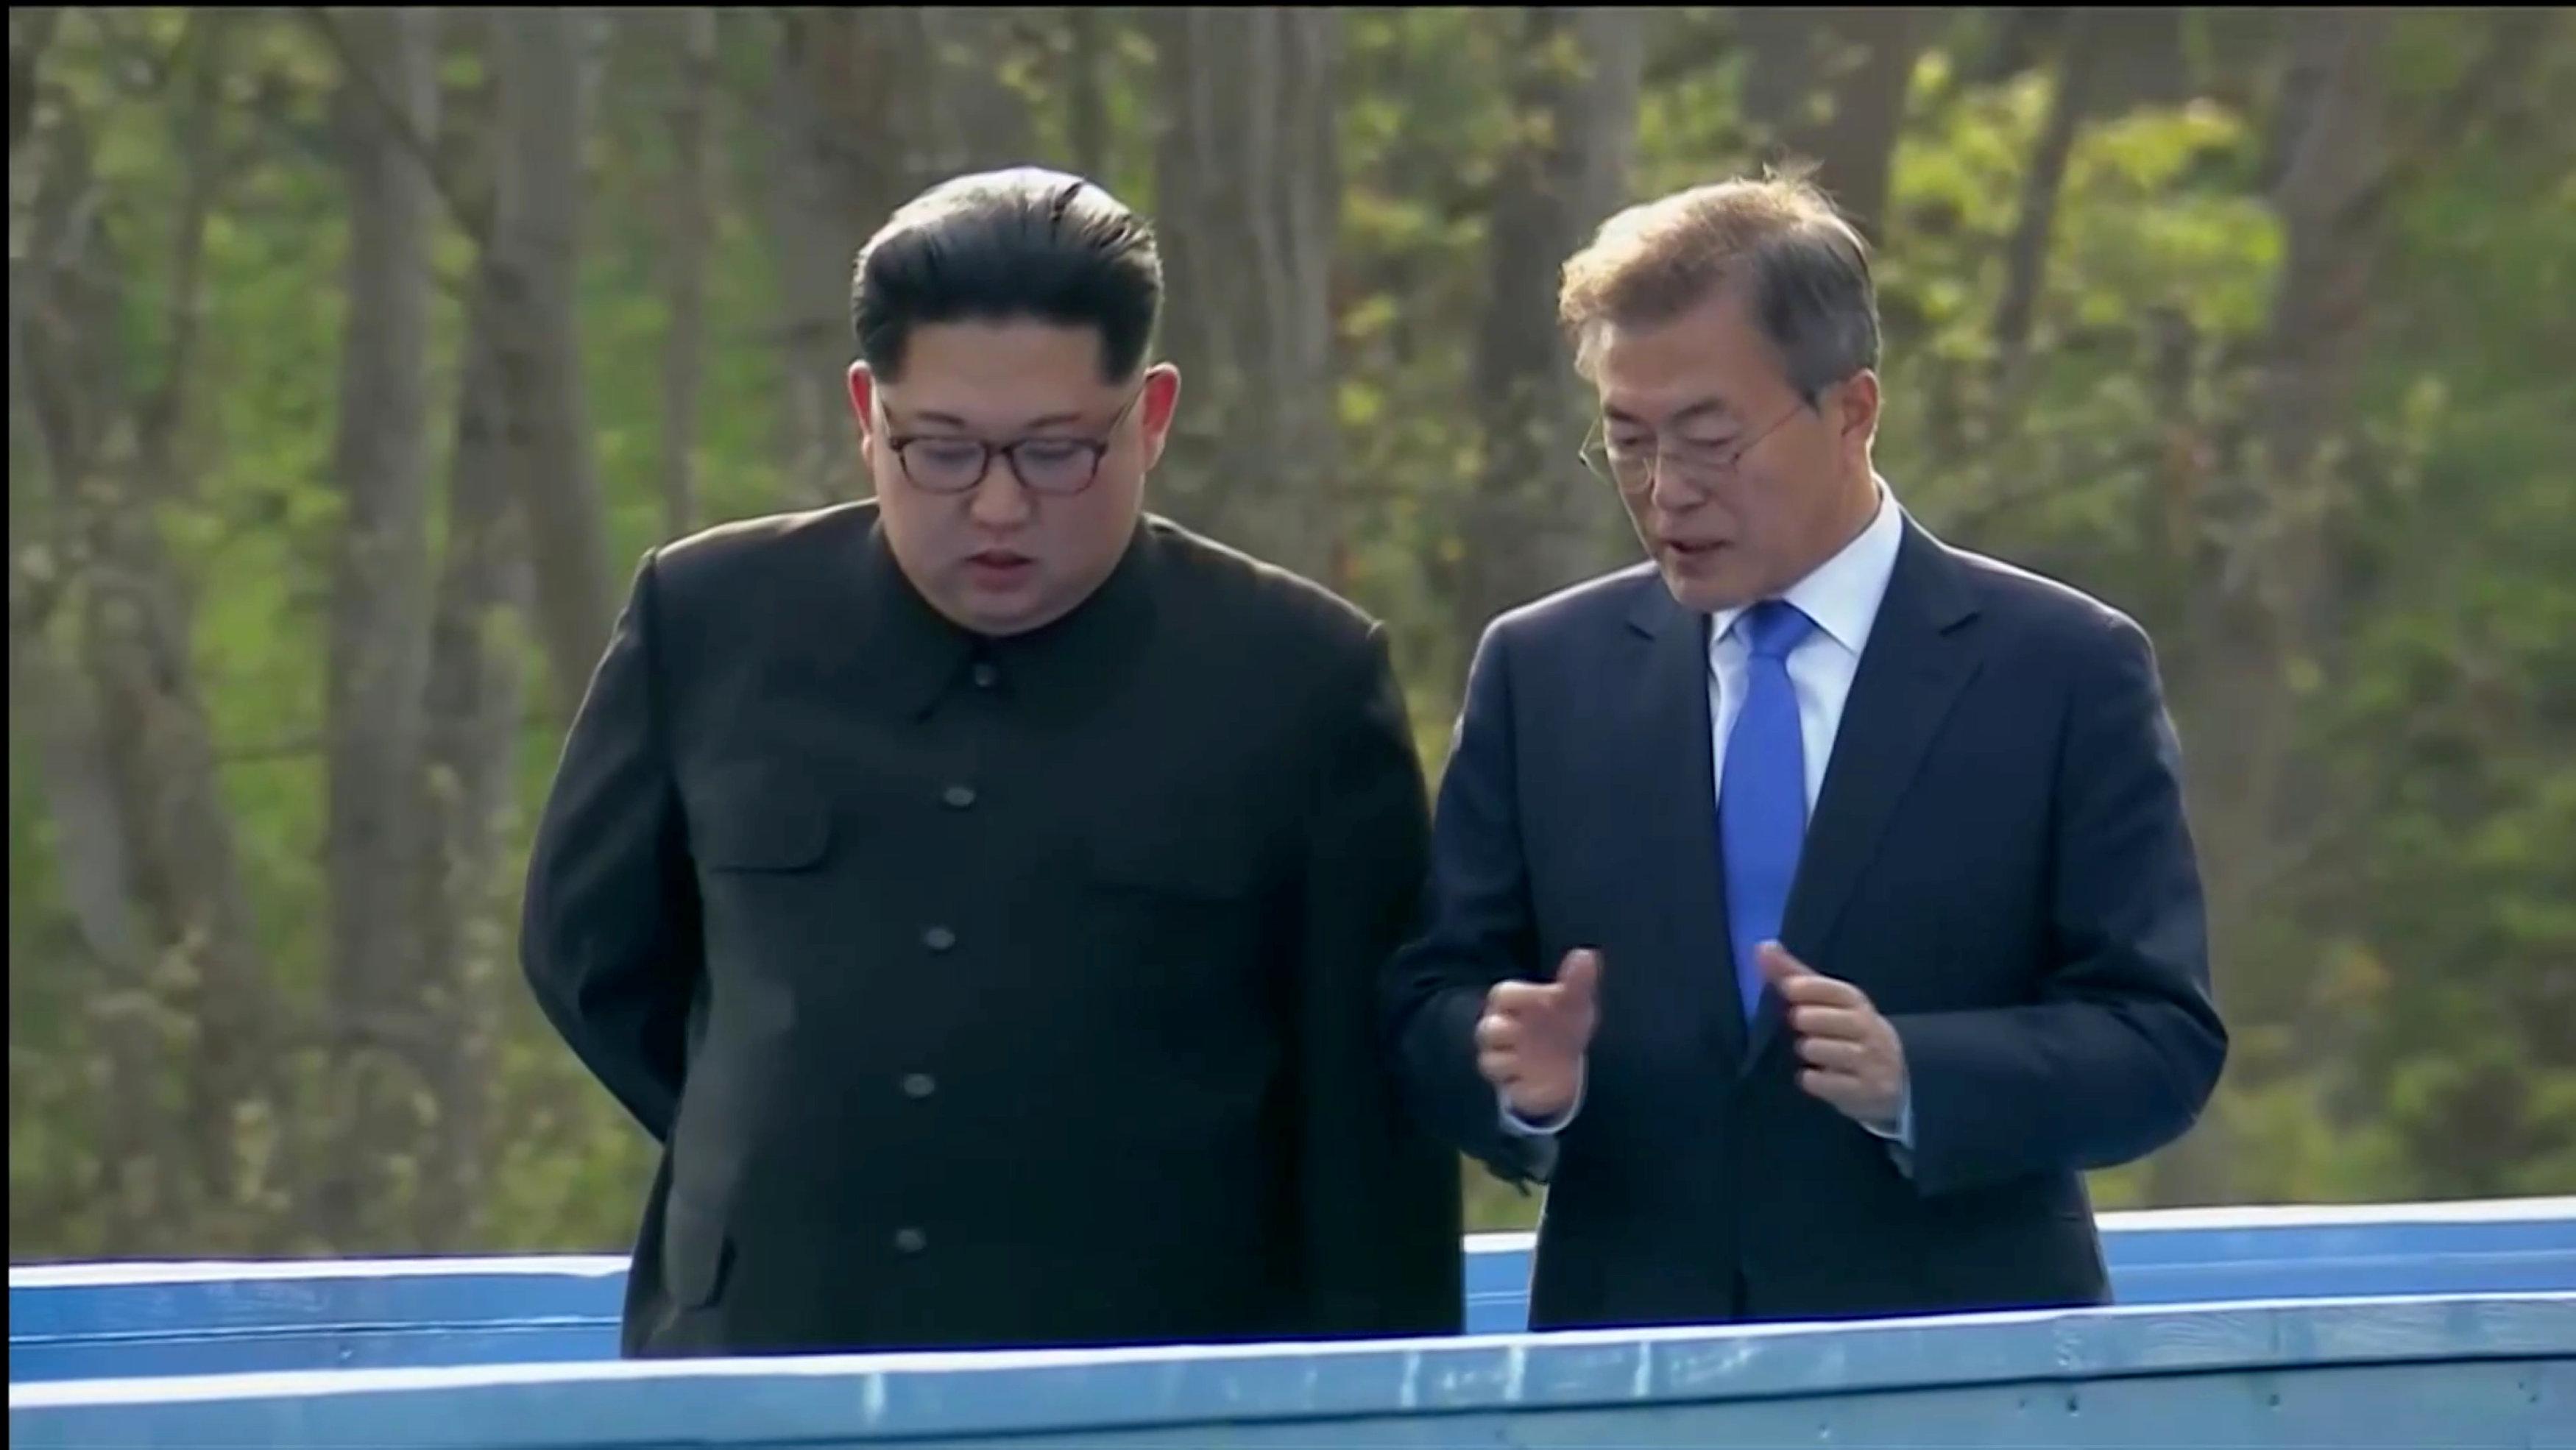 Los dos líderes conversan en un rato de descanso de los acto protocolarios.